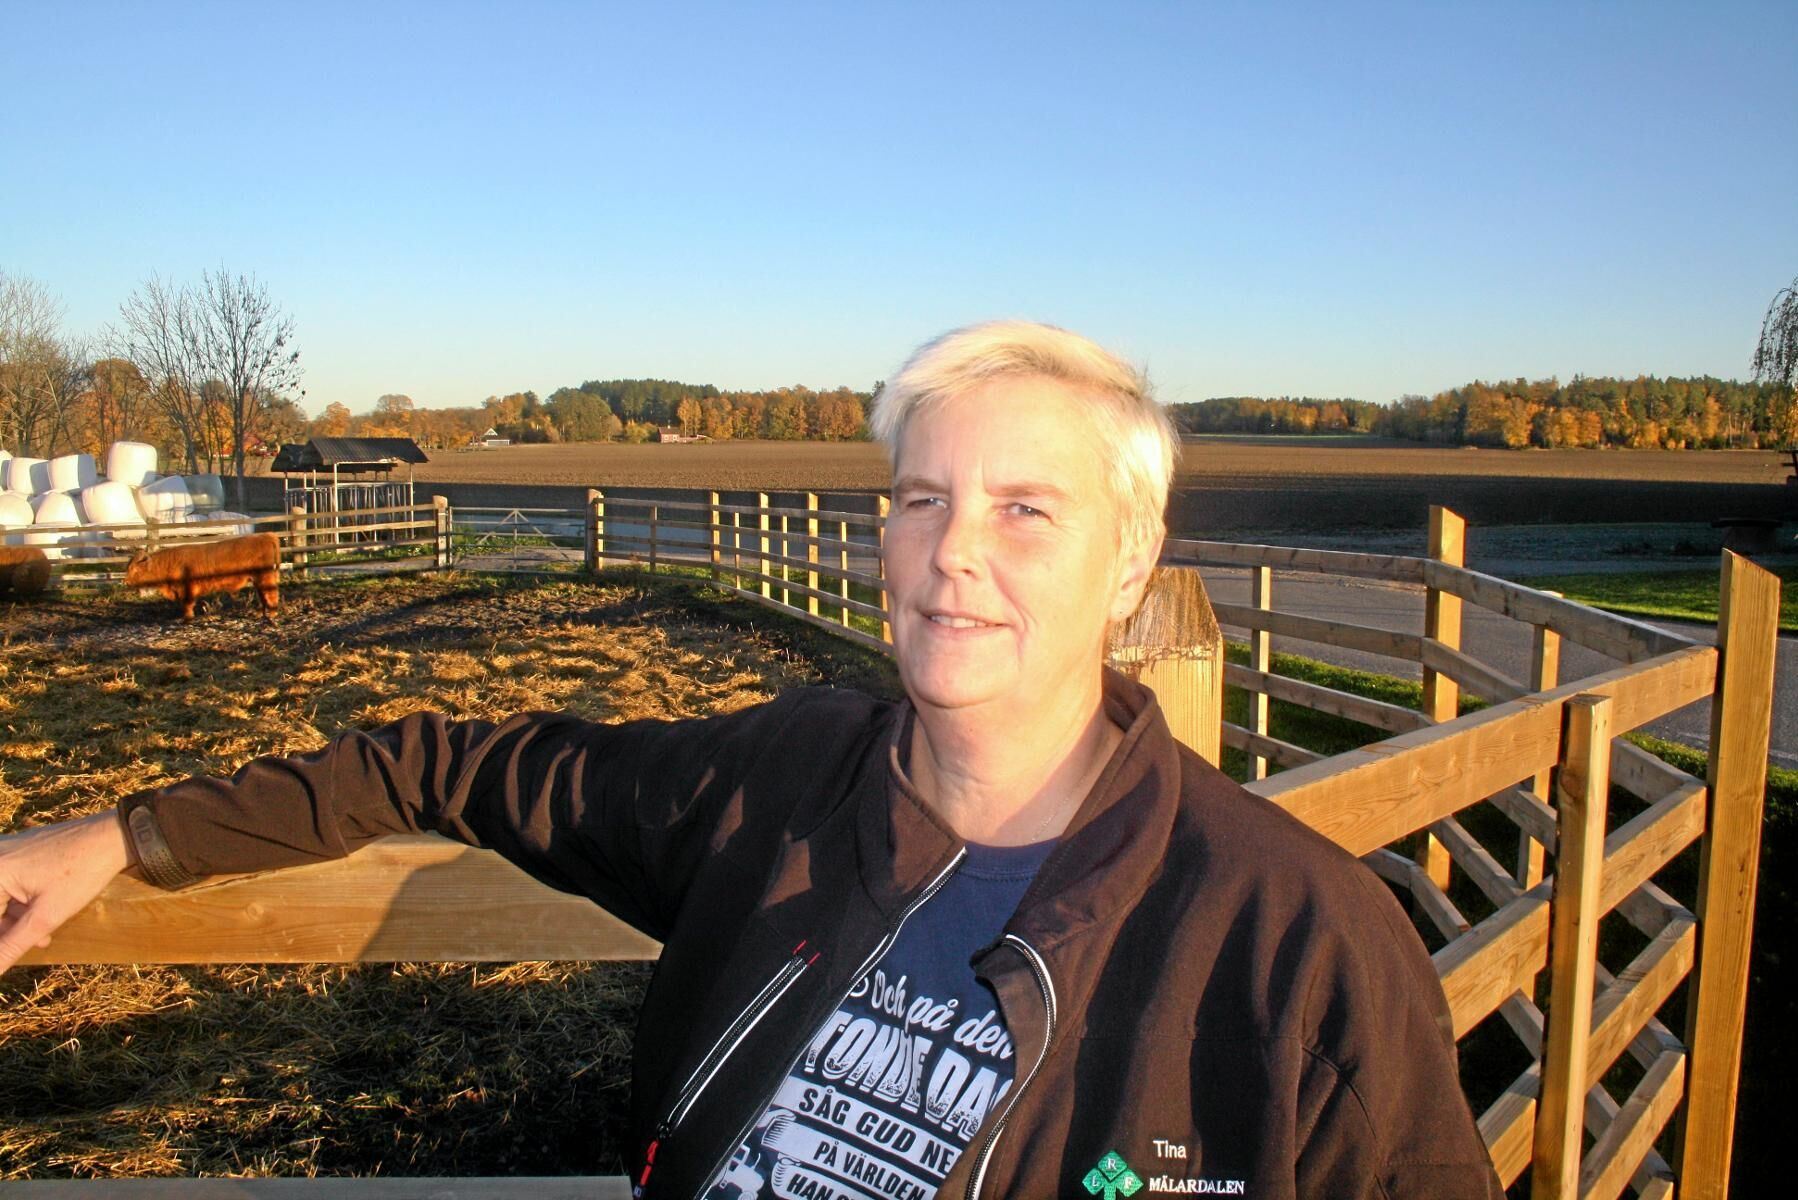 Tina Rudolphson driver Bjelkesta gård utanför Uppsala.